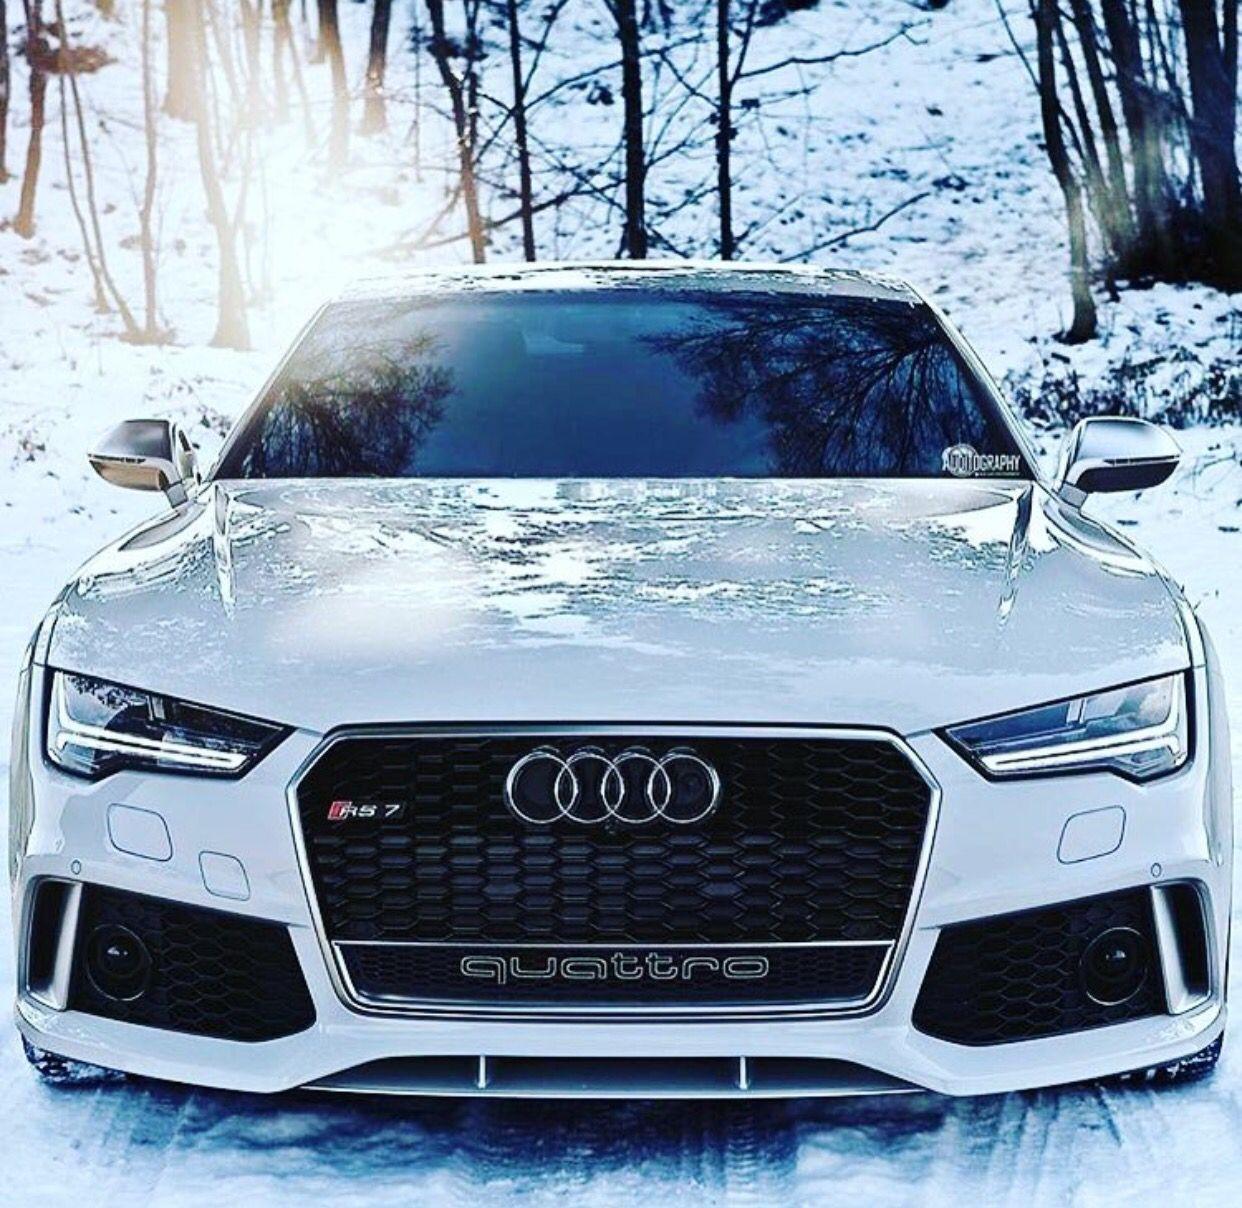 Audi Rs7 Sportback, Audi Cars, Audi